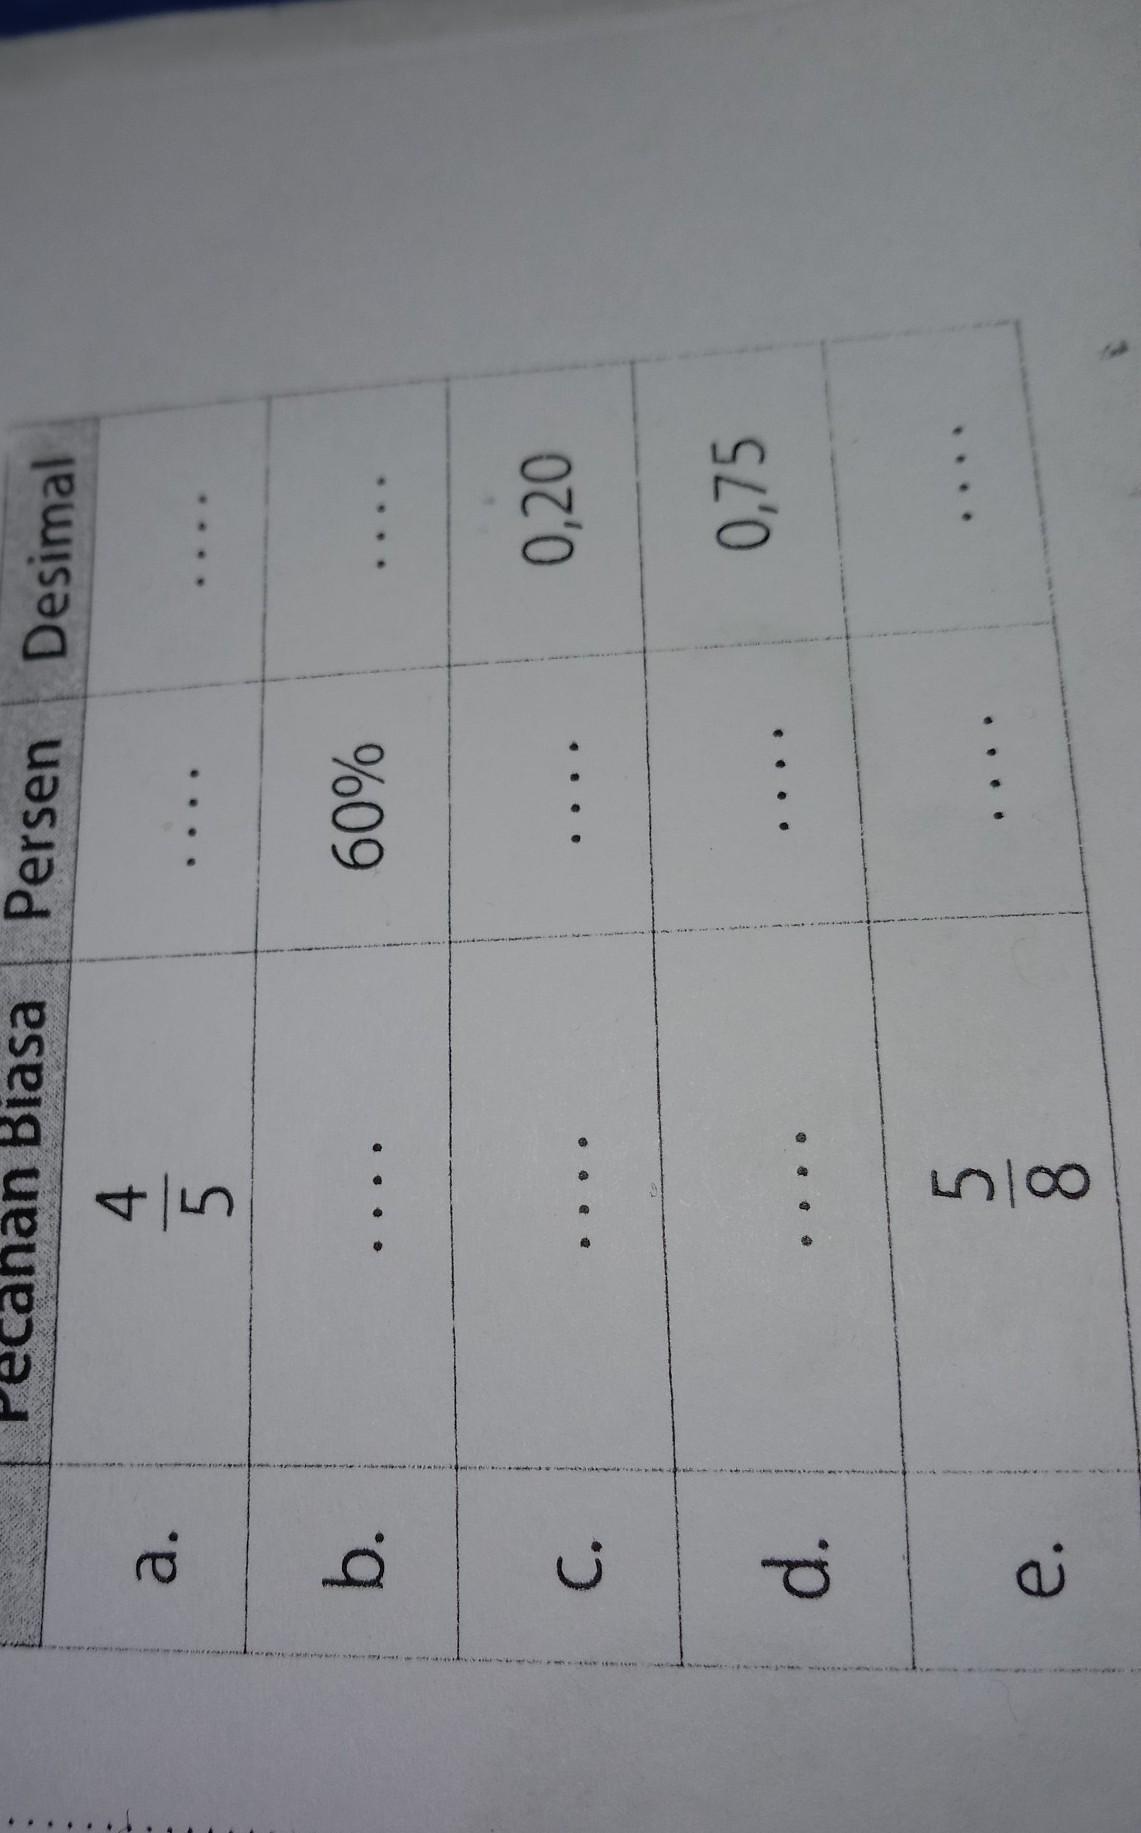 Lengkapilah Titik-titik Berikut Dengan Bilangan Yang Tepat : lengkapilah, titik-titik, berikut, dengan, bilangan, tepat, Lengkapilah, Table, Berikut, Dengan, Bilangan, Tepat, Pecahan, Biasa,, Persen,, Desimalpls, Brainly.co.id